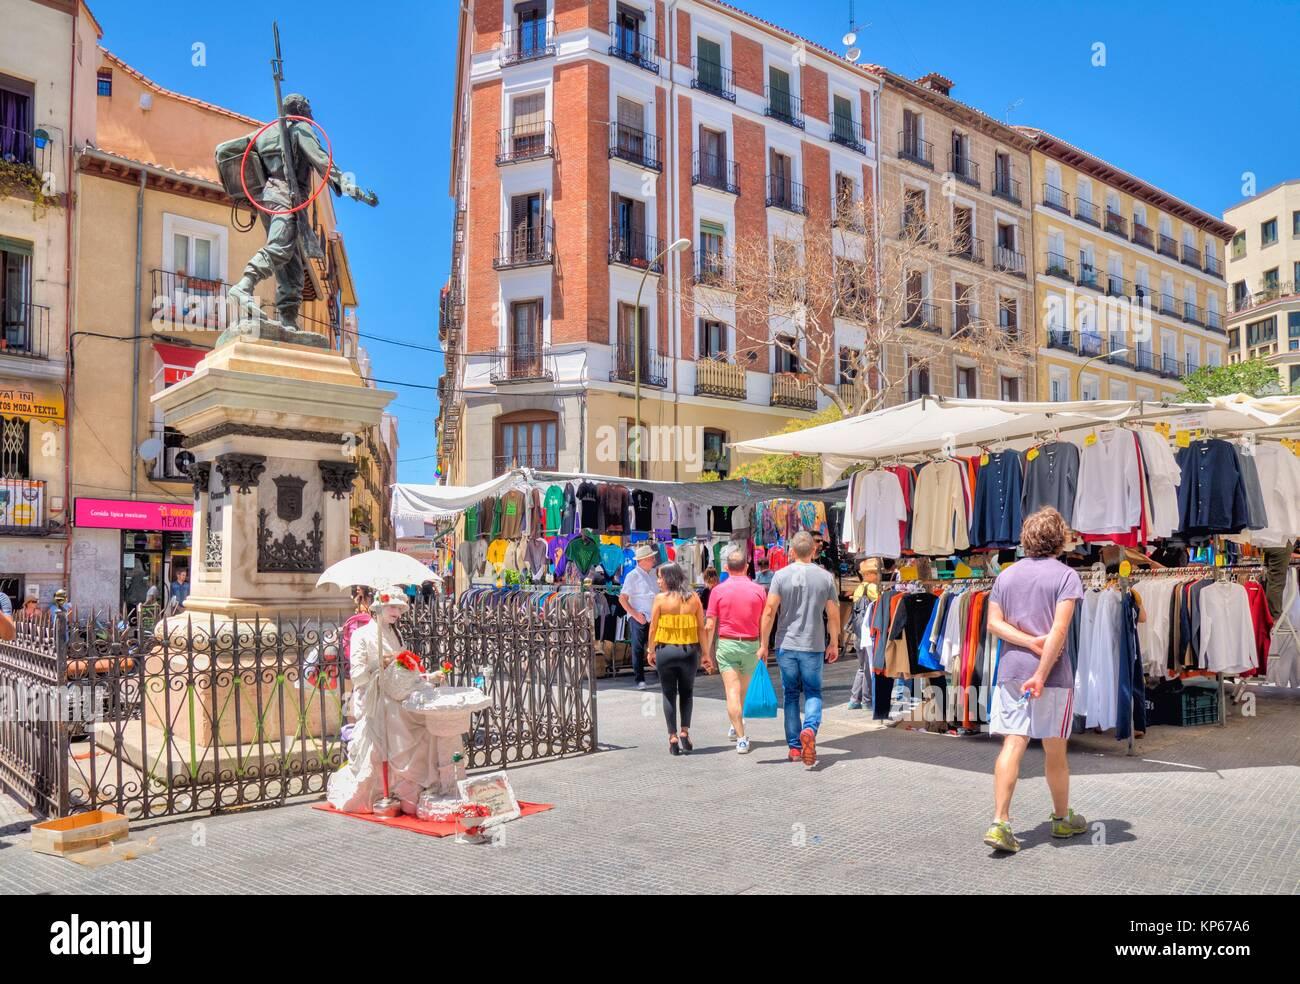 El rastro flea market stock photos el rastro flea market - Cascorro madrid rastro ...